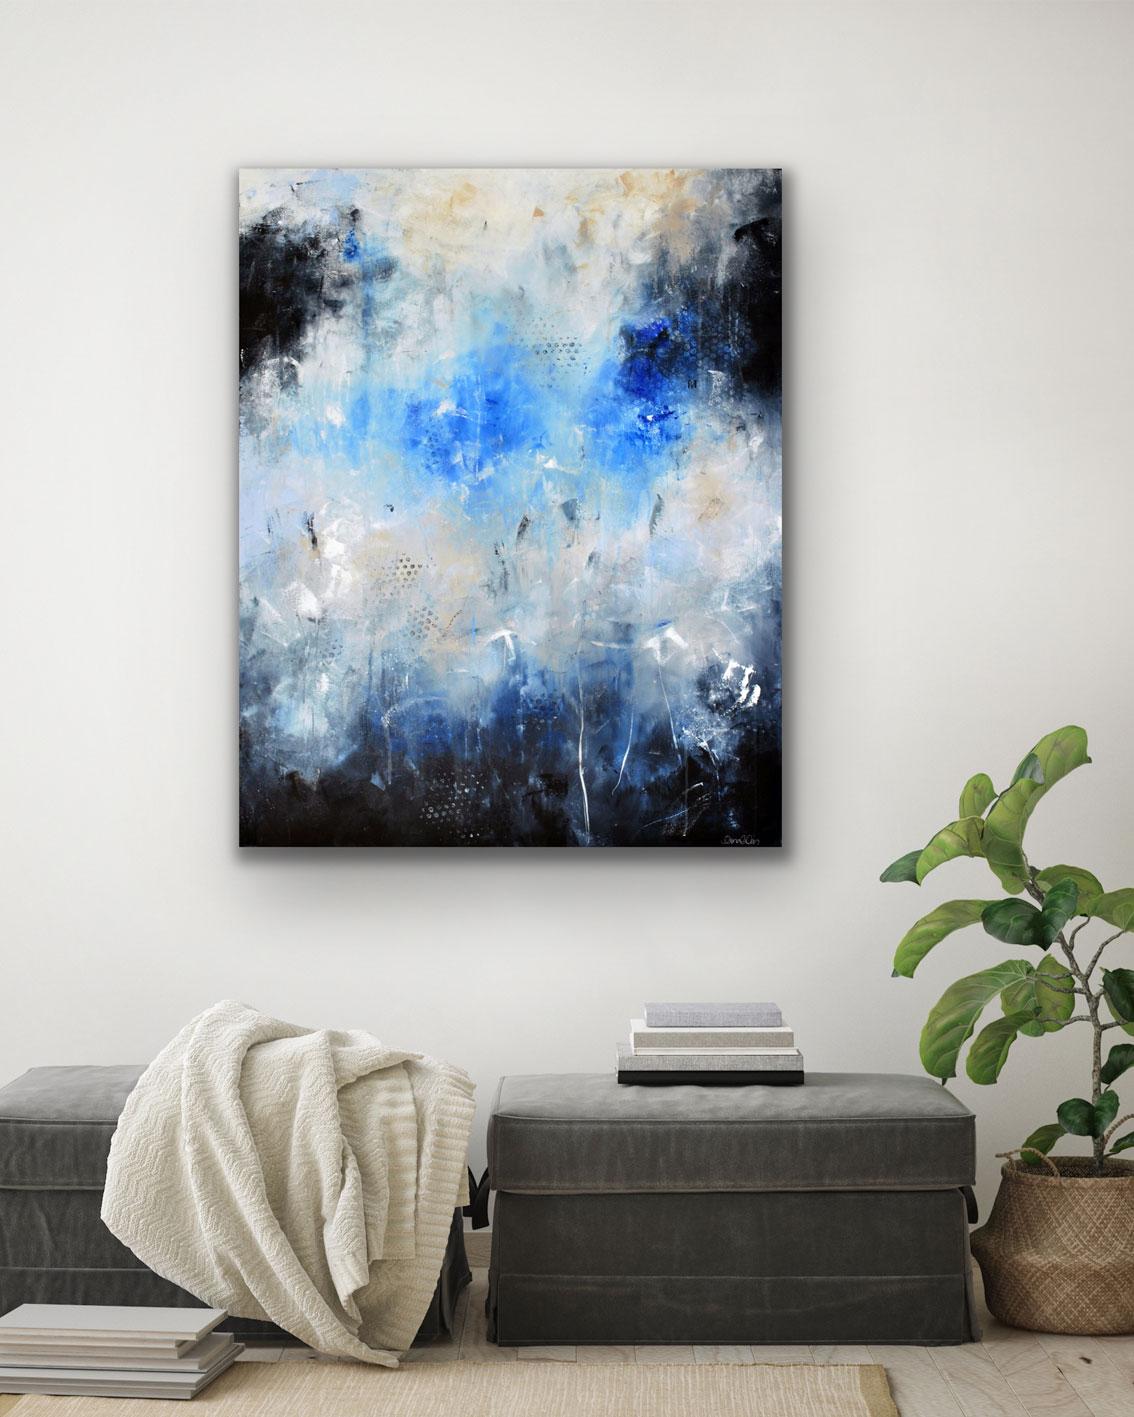 Abstrakt målning mörkblå beige grå blå på vägg ovanför fotpallar med filt och böcker med en grön växt bredvid